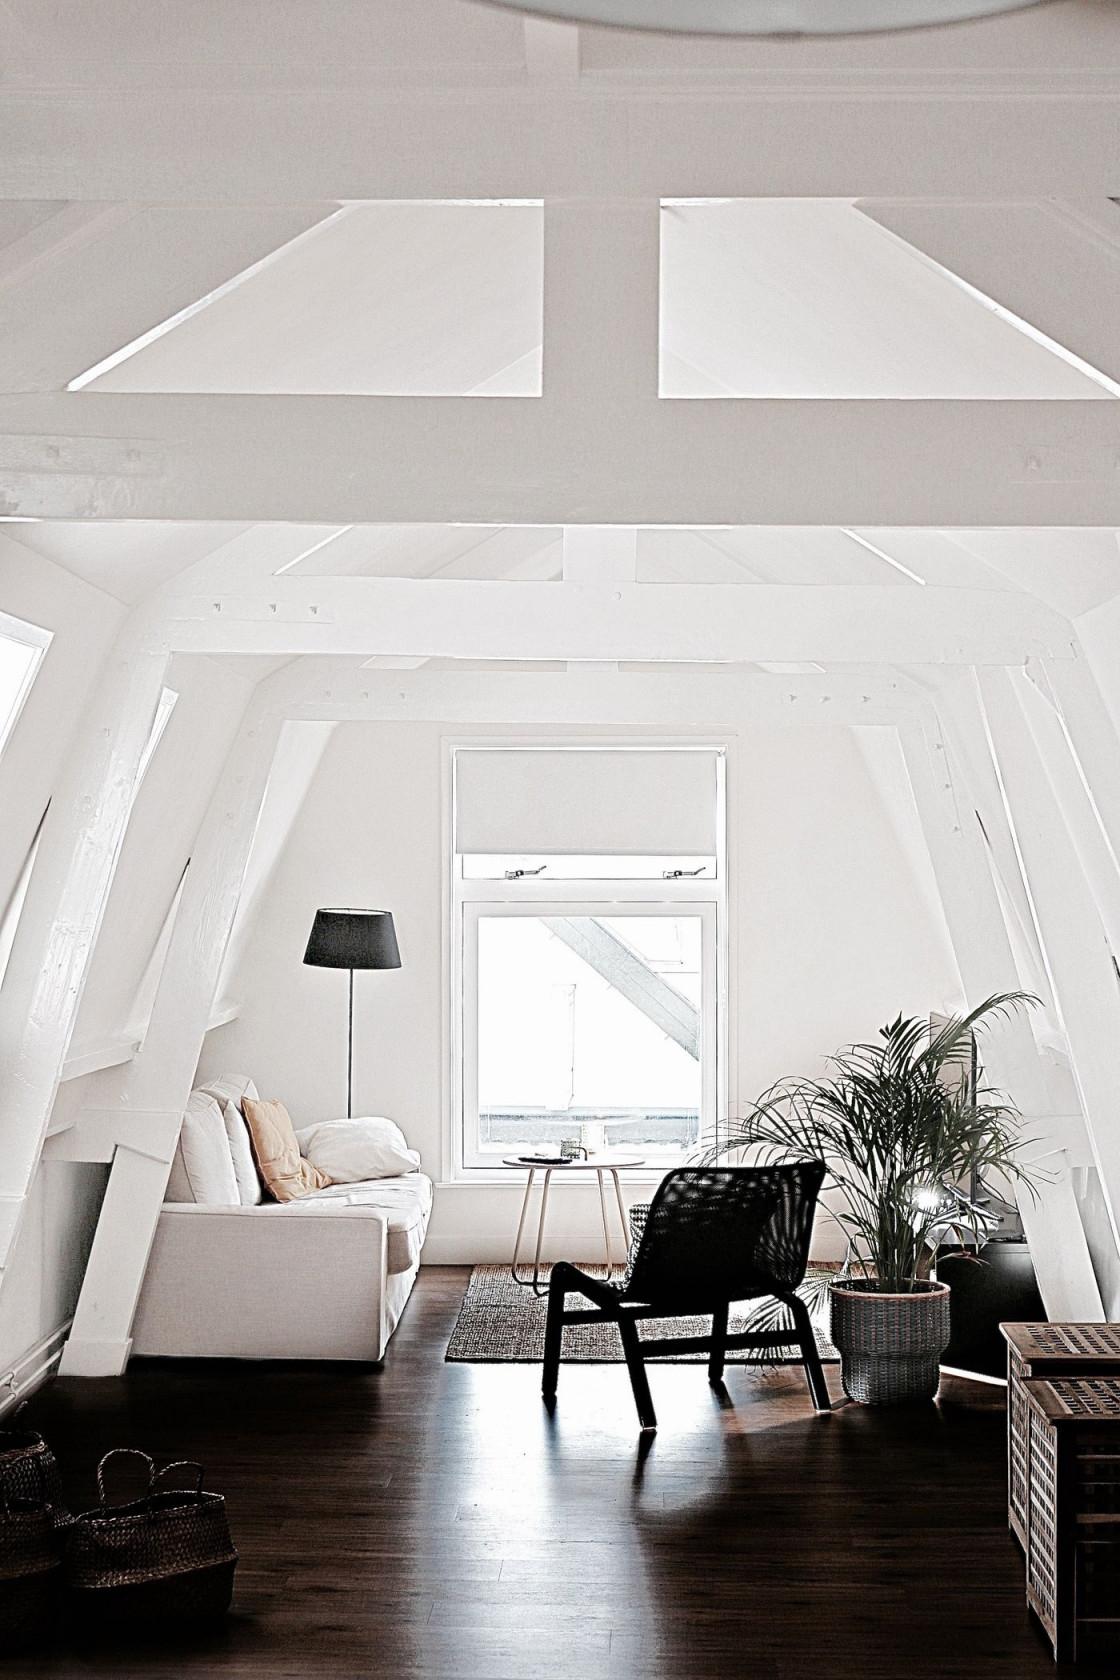 Ideen Für Deine Wohnung Im Dachgeschoss Mit Dachschrägen von Wohnzimmer Dachgeschoss Gestalten Bild